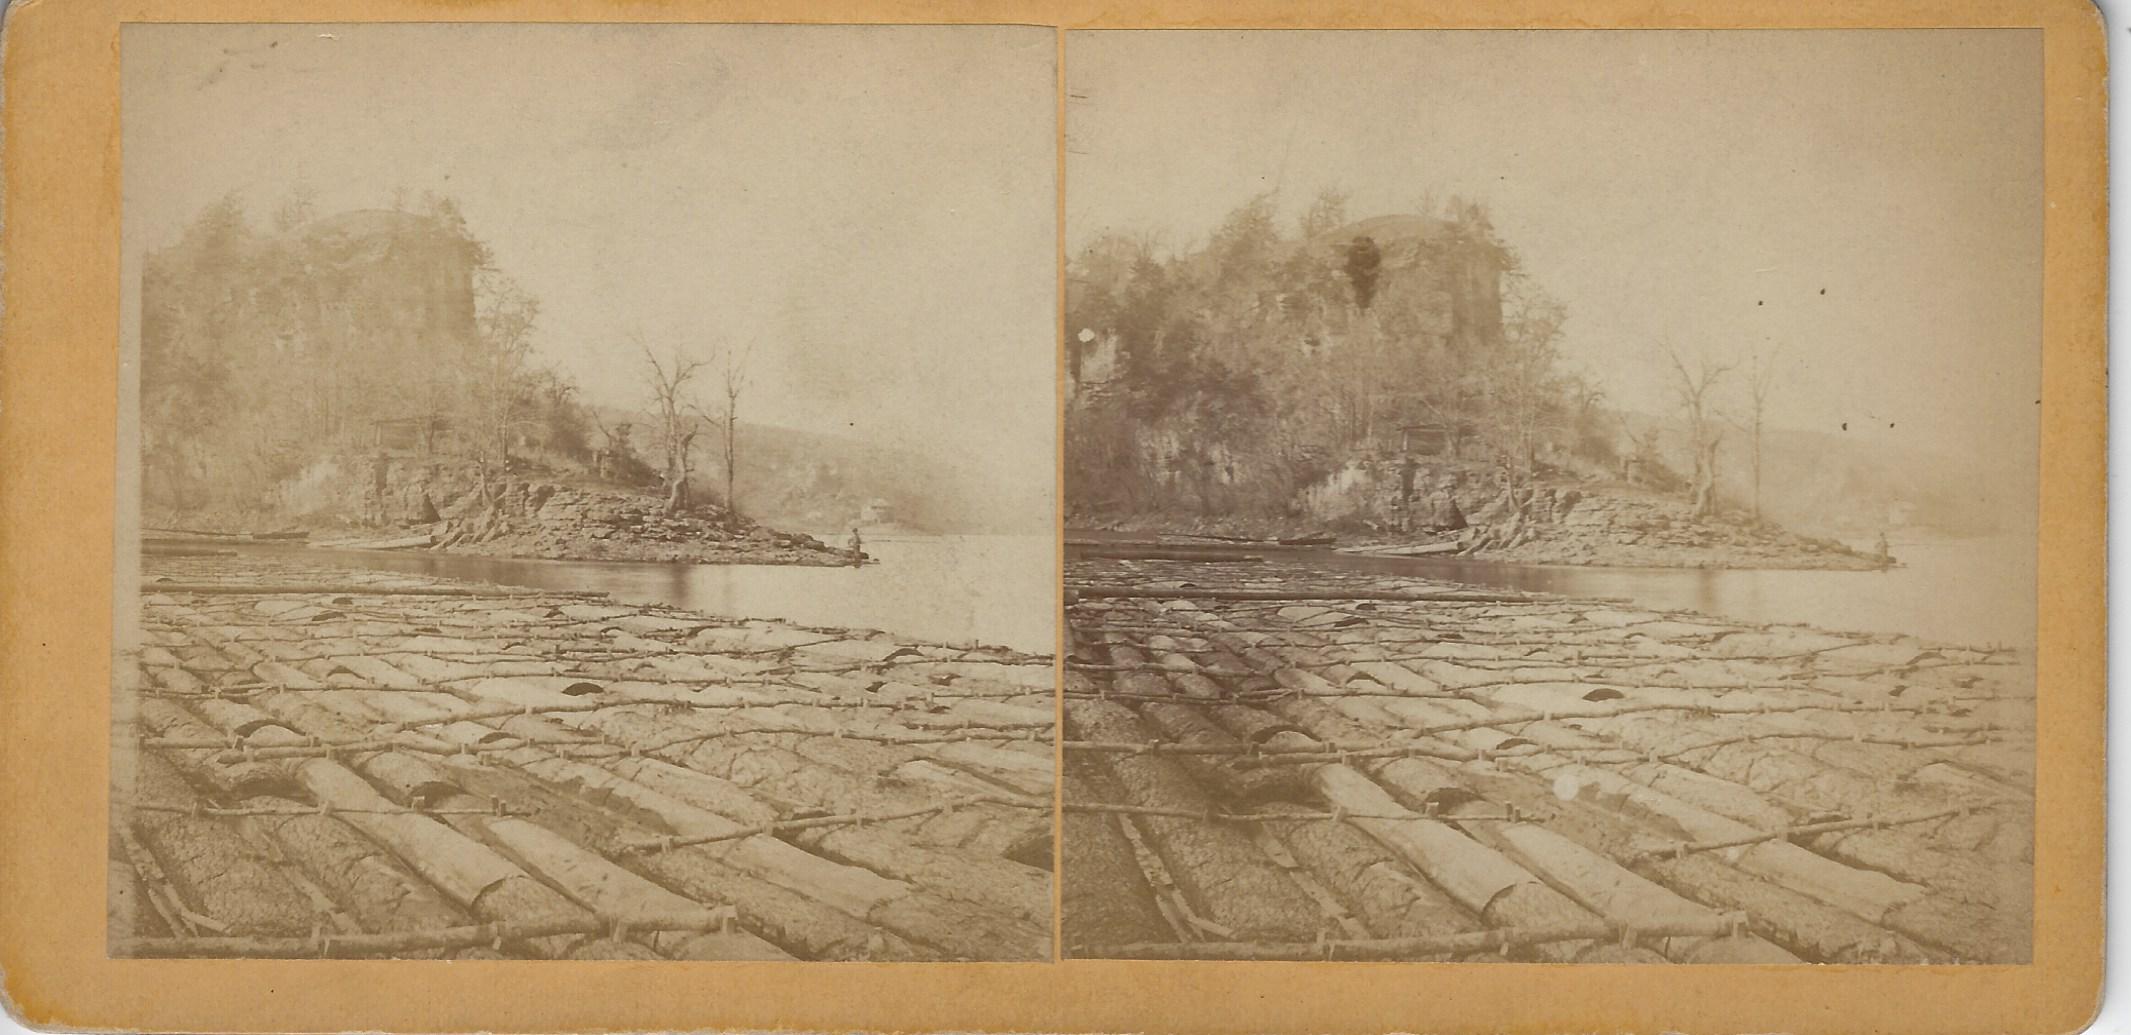 LJTP 100.271 - S. Root - Julien Dubuque Grave at Catfish Creek - c1875